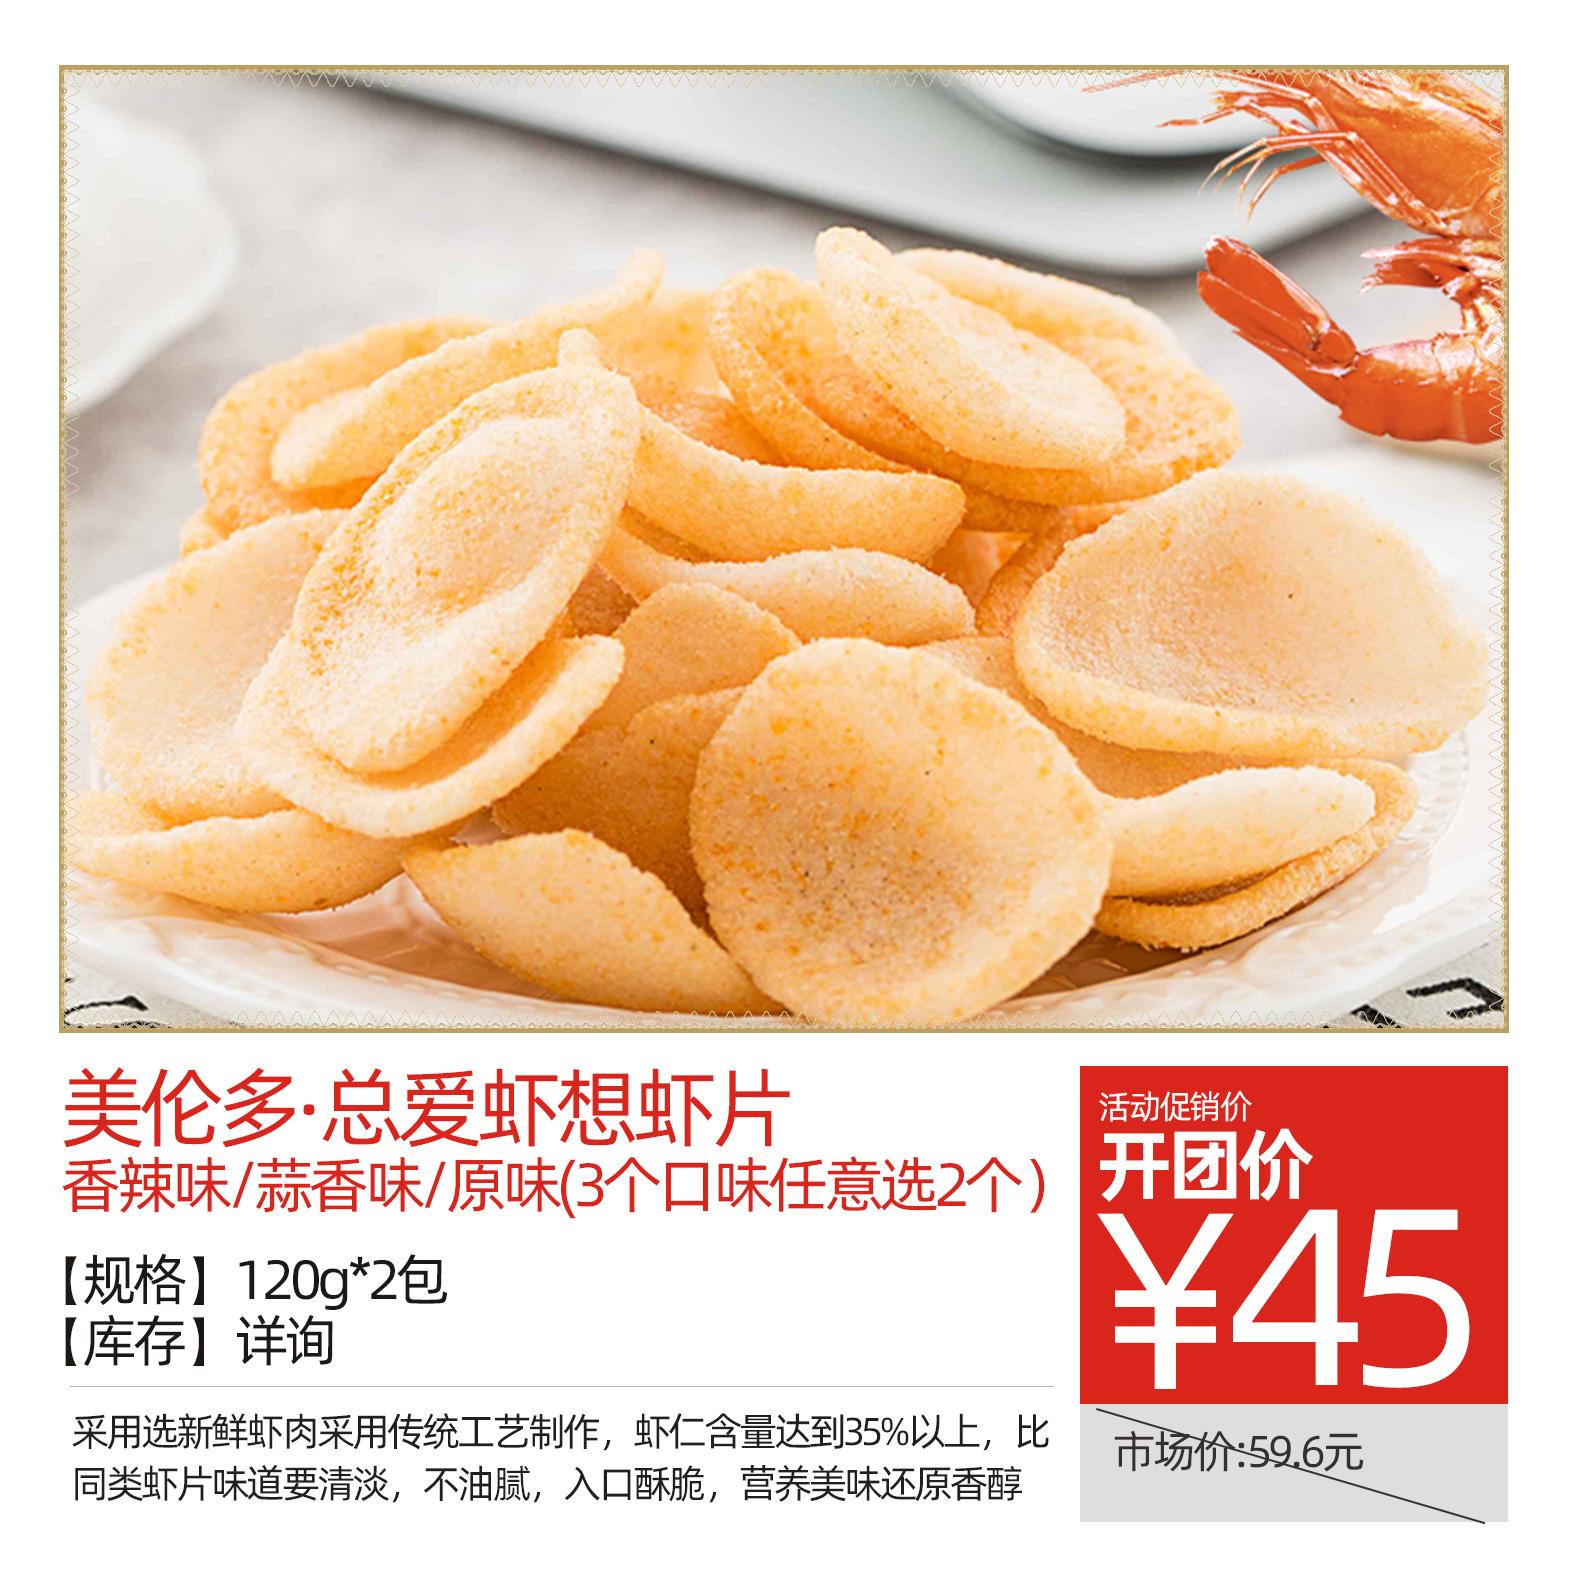 美伦多·总爱虾想虾片/香辣味、蒜香味、原味(3个口味任意选2个)